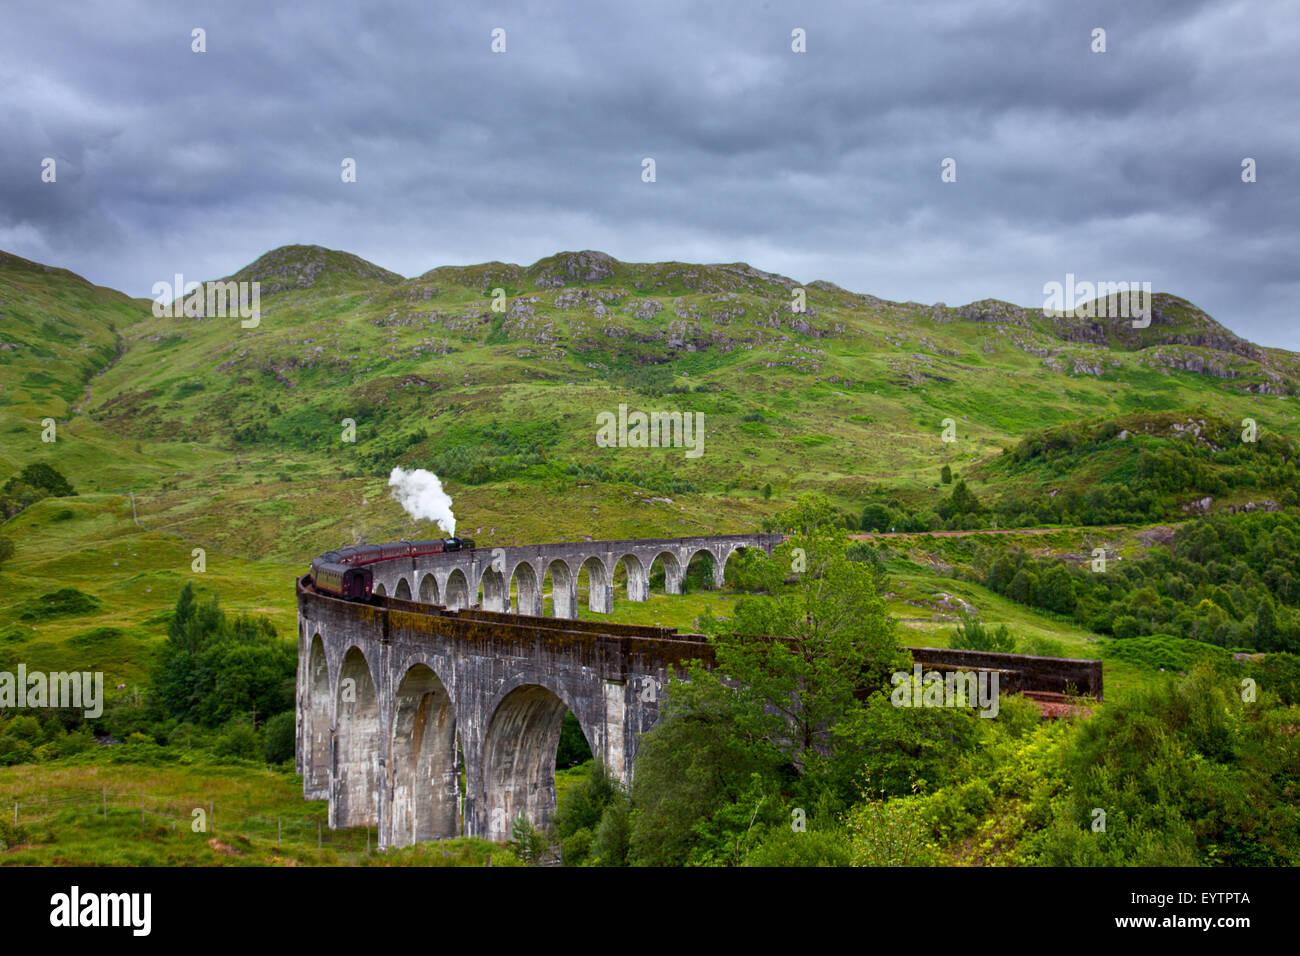 Glenfinnan Viaduct, Beinn an Tuim, Harry Potter, bridge, highlands, Scotland - Stock Image